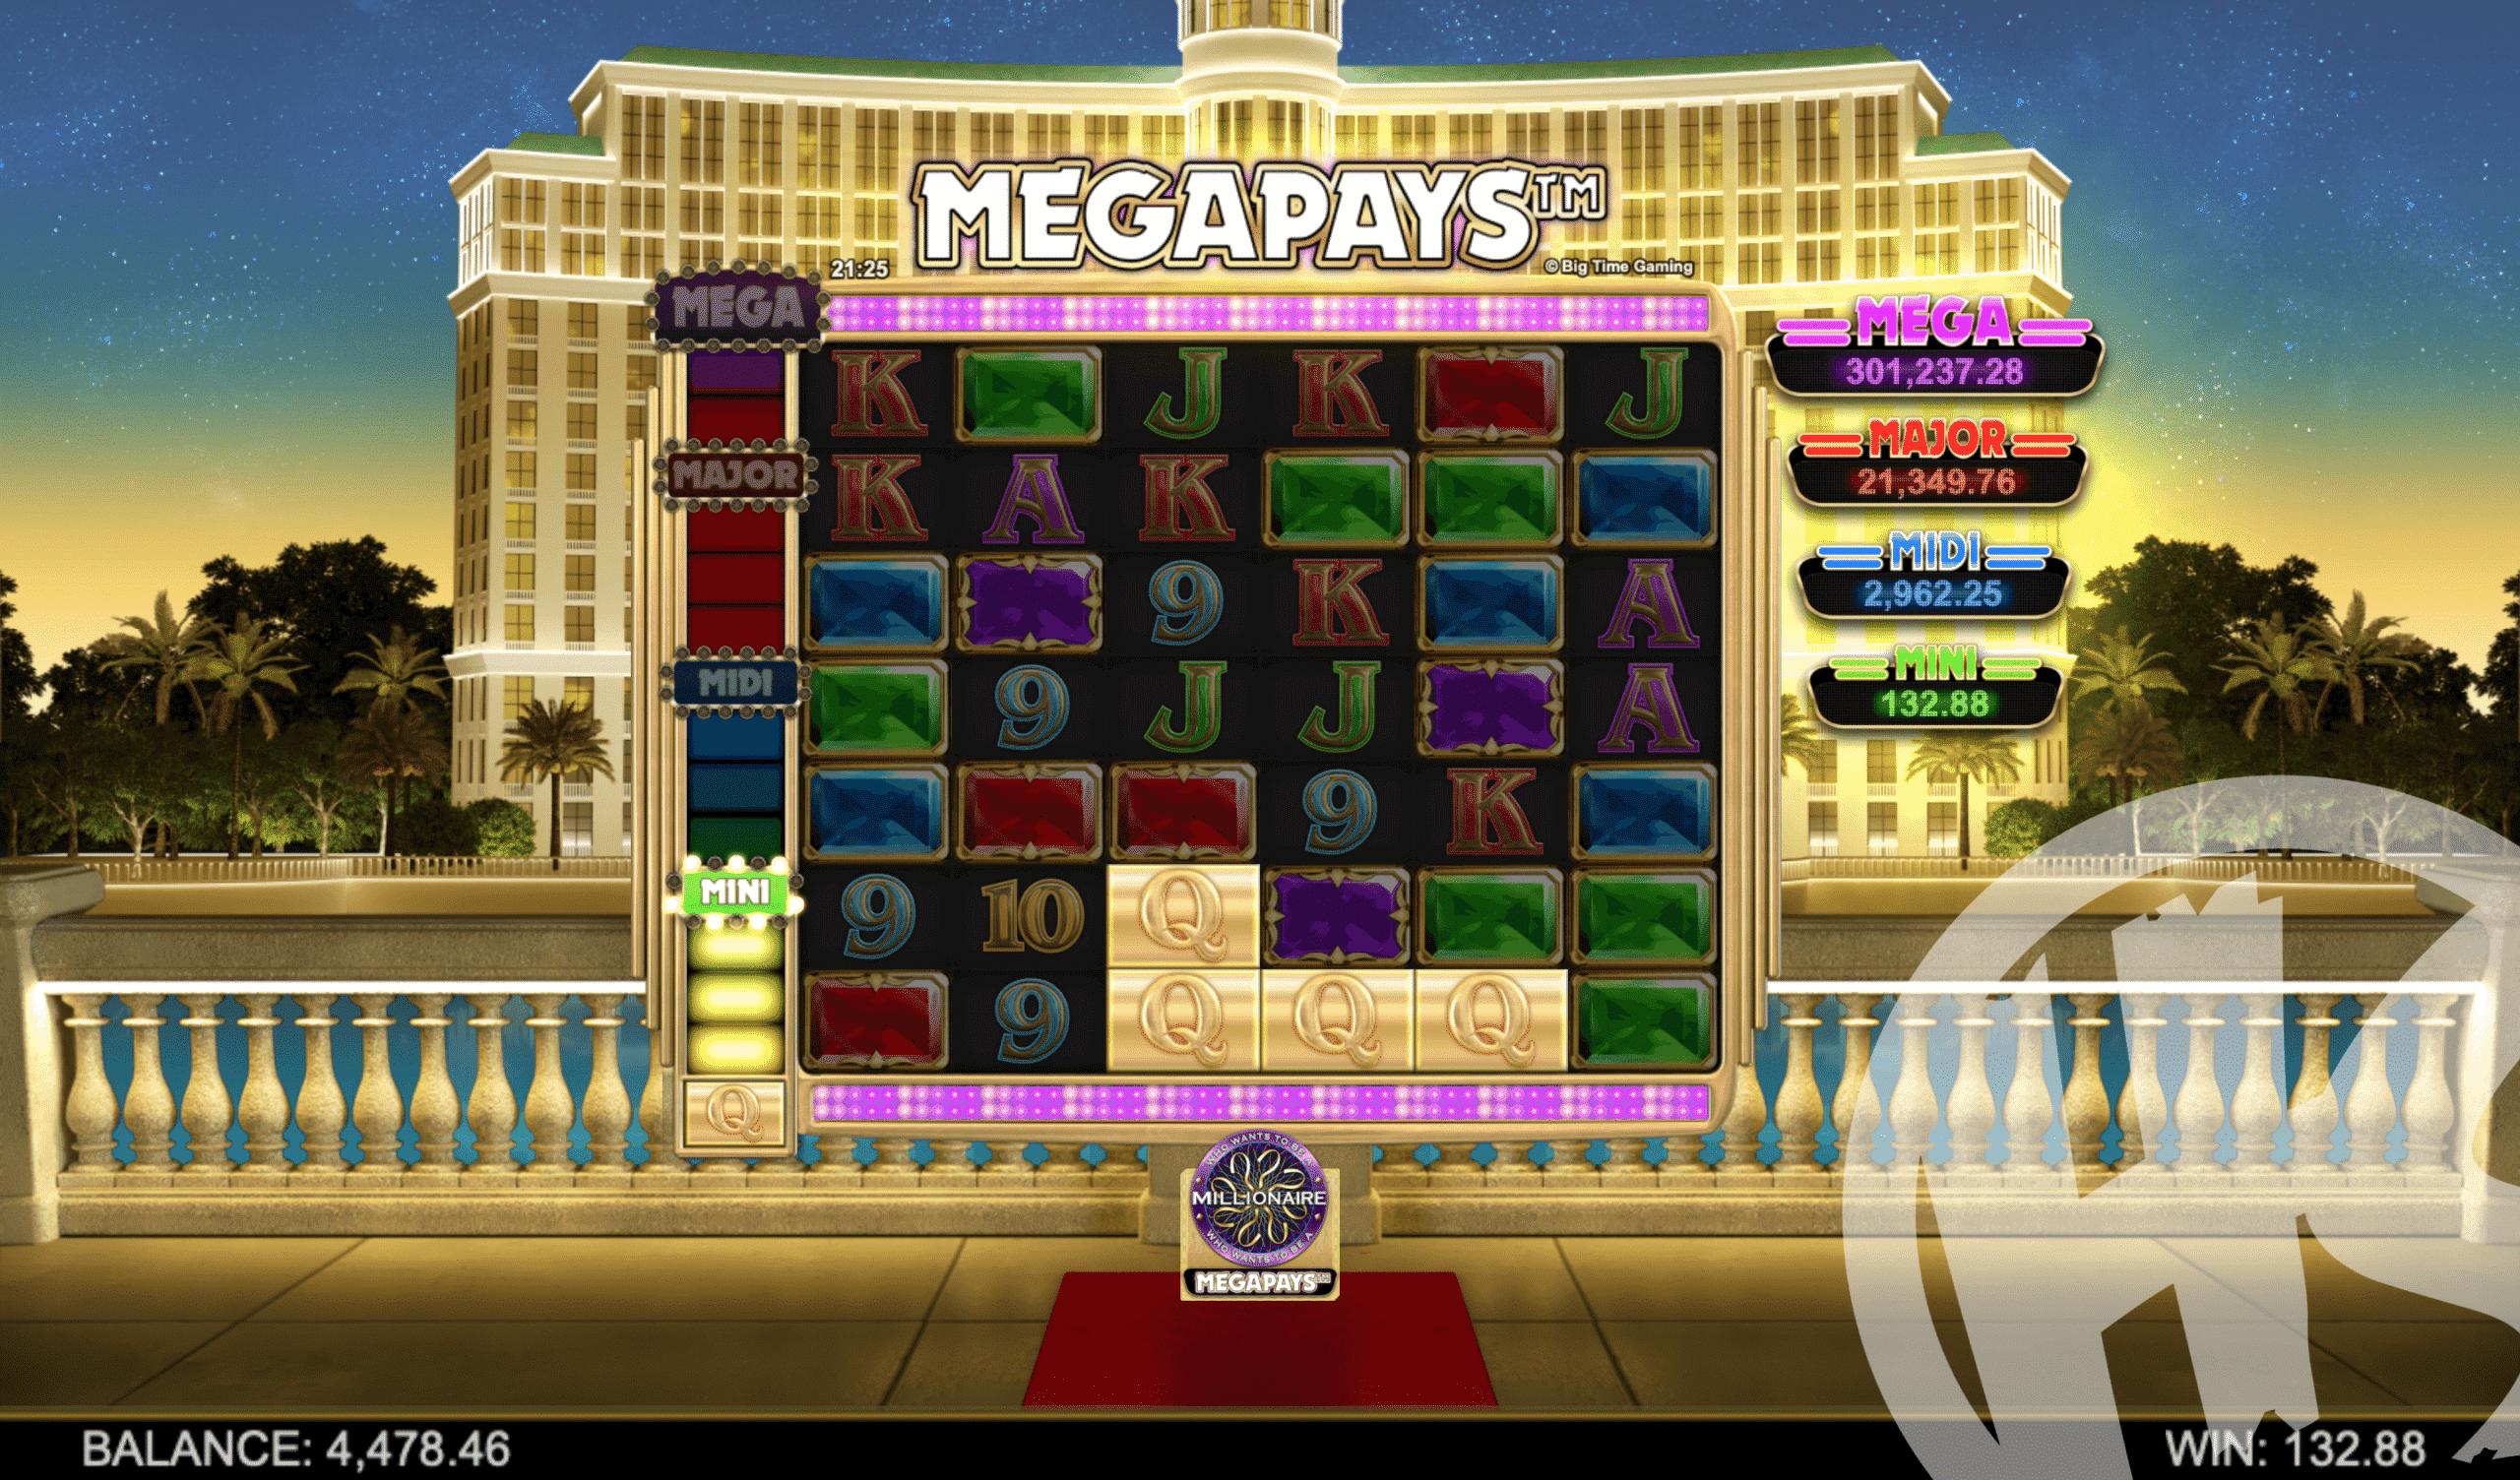 Megapays